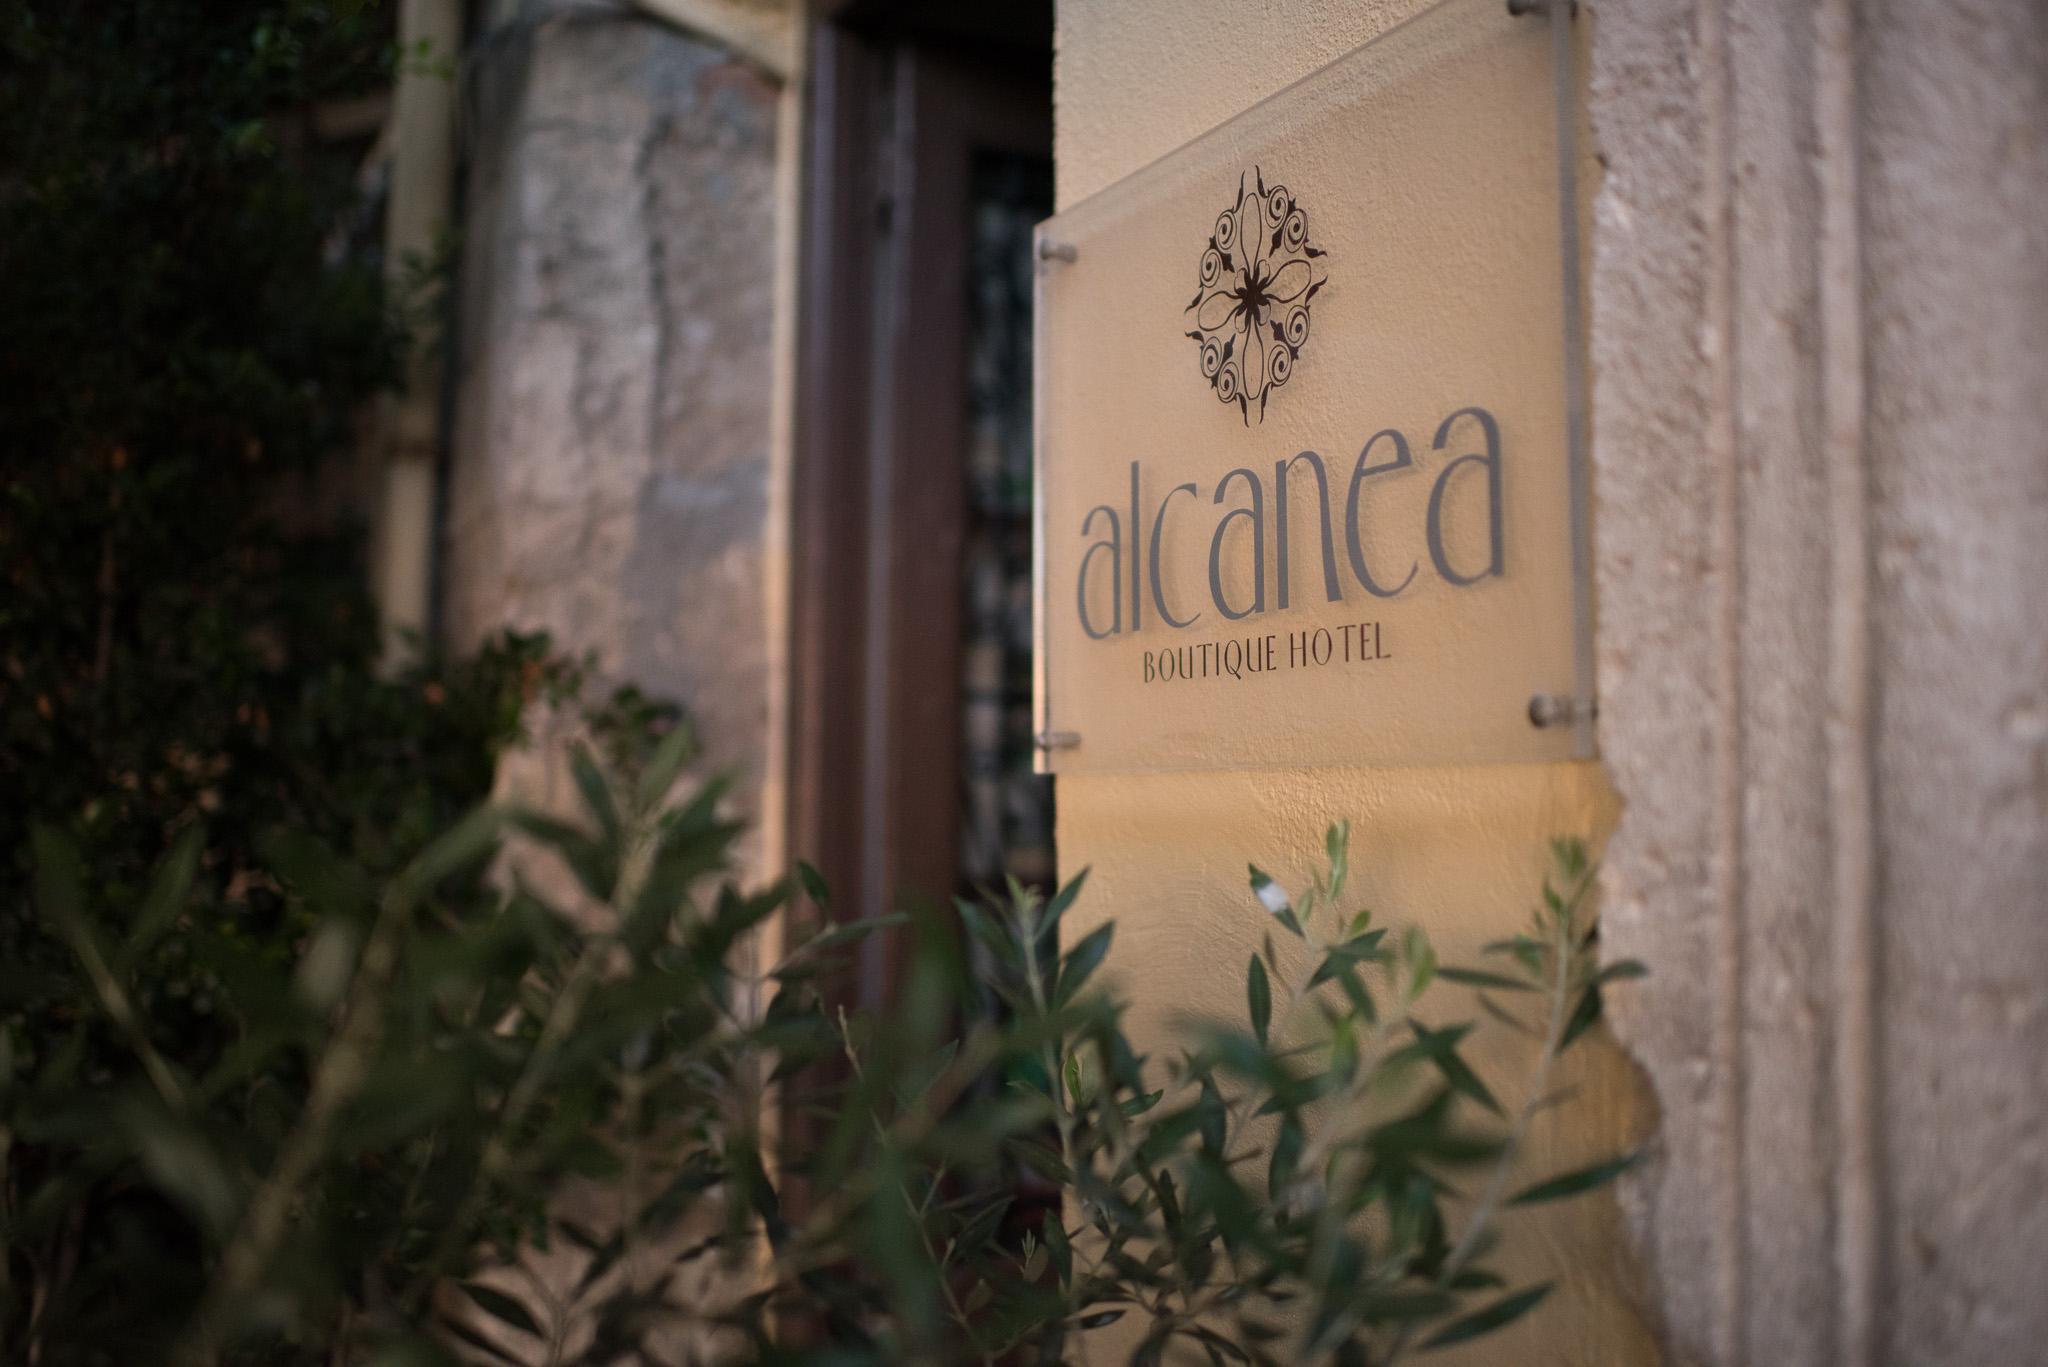 Alcanea Hotel in Chania Crete Greece